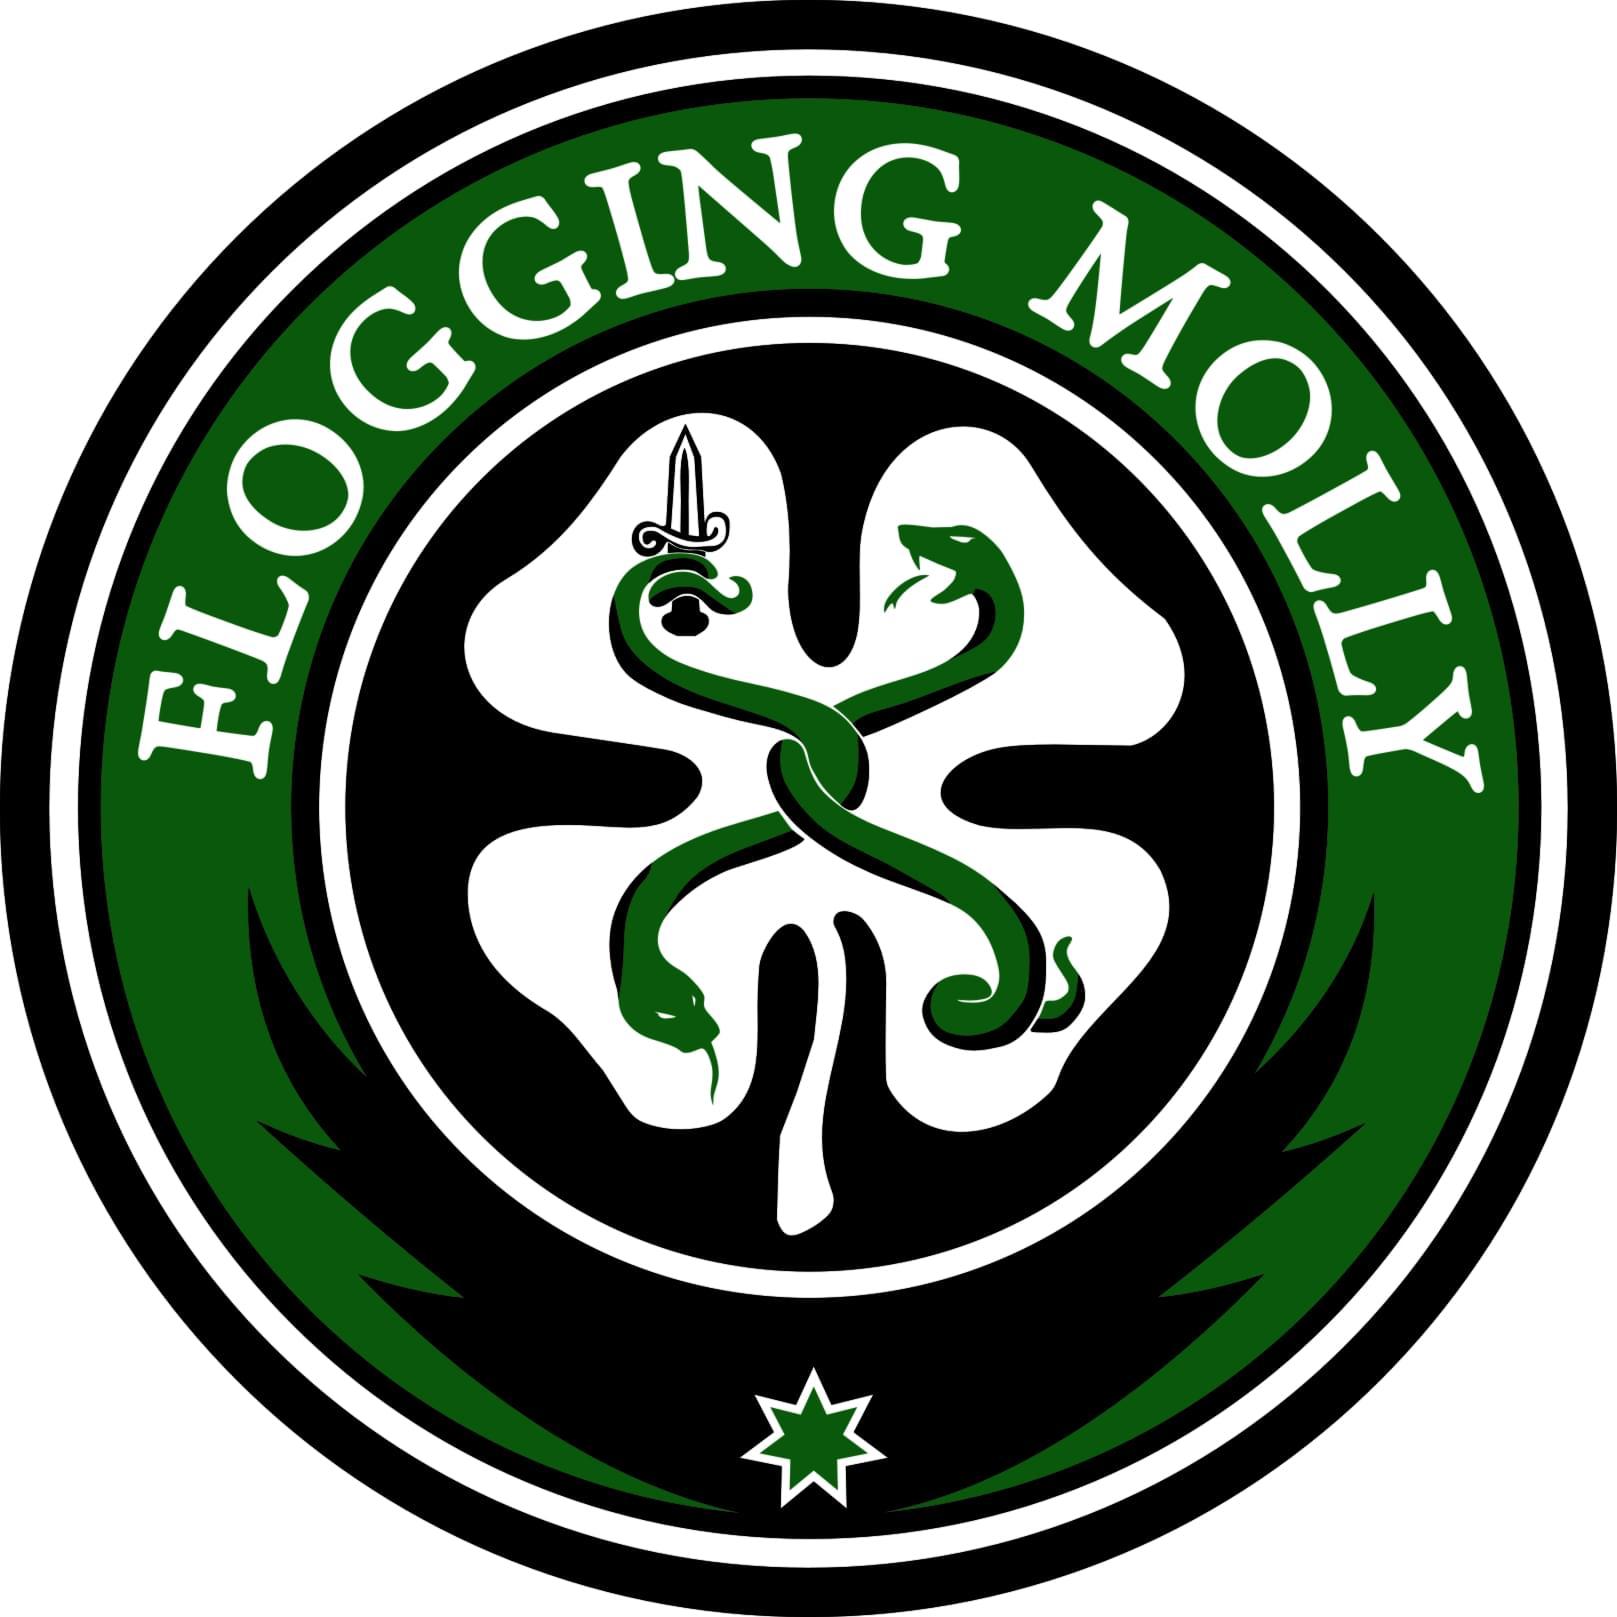 Flogging-Molly-Logo-flogging-molly-19428470-1617-1617